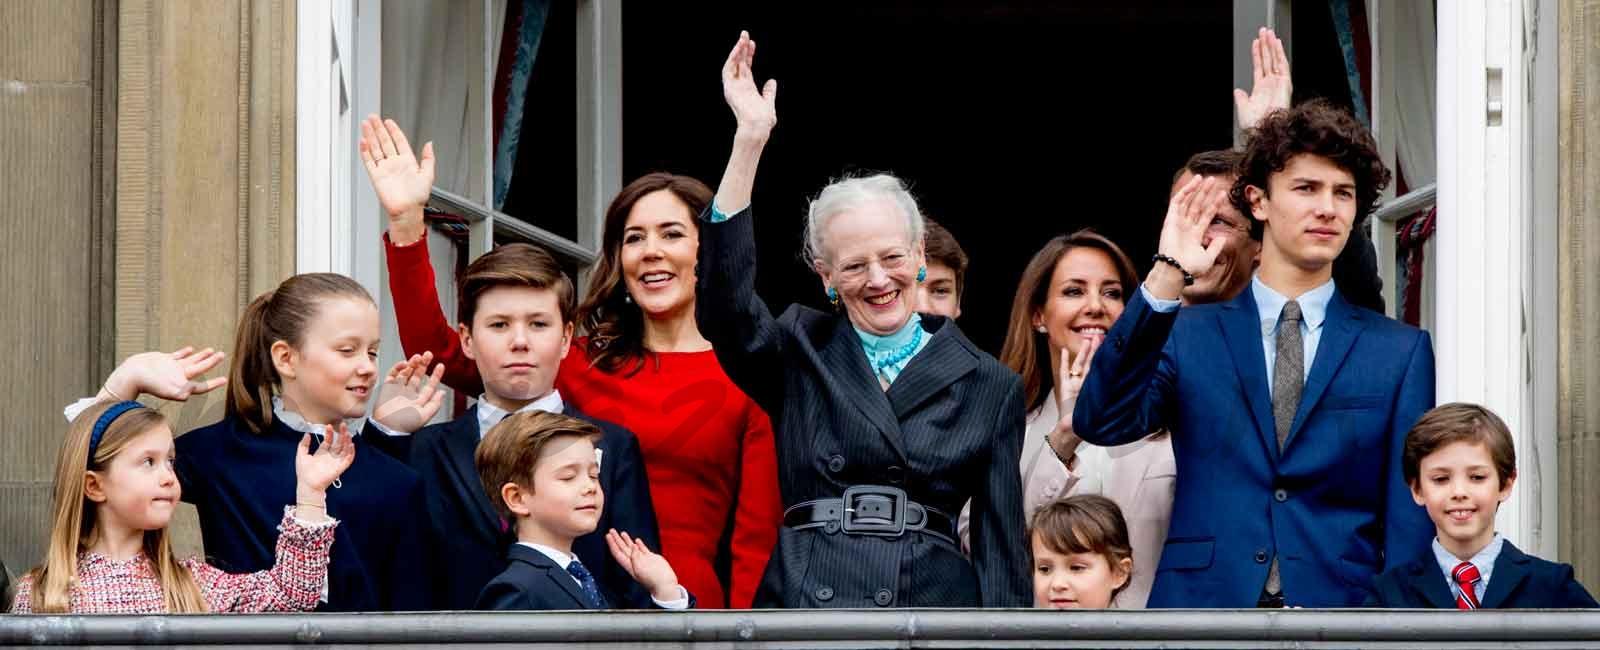 La reina Margarita de Dinamarca celebra su 78 cumpleaños